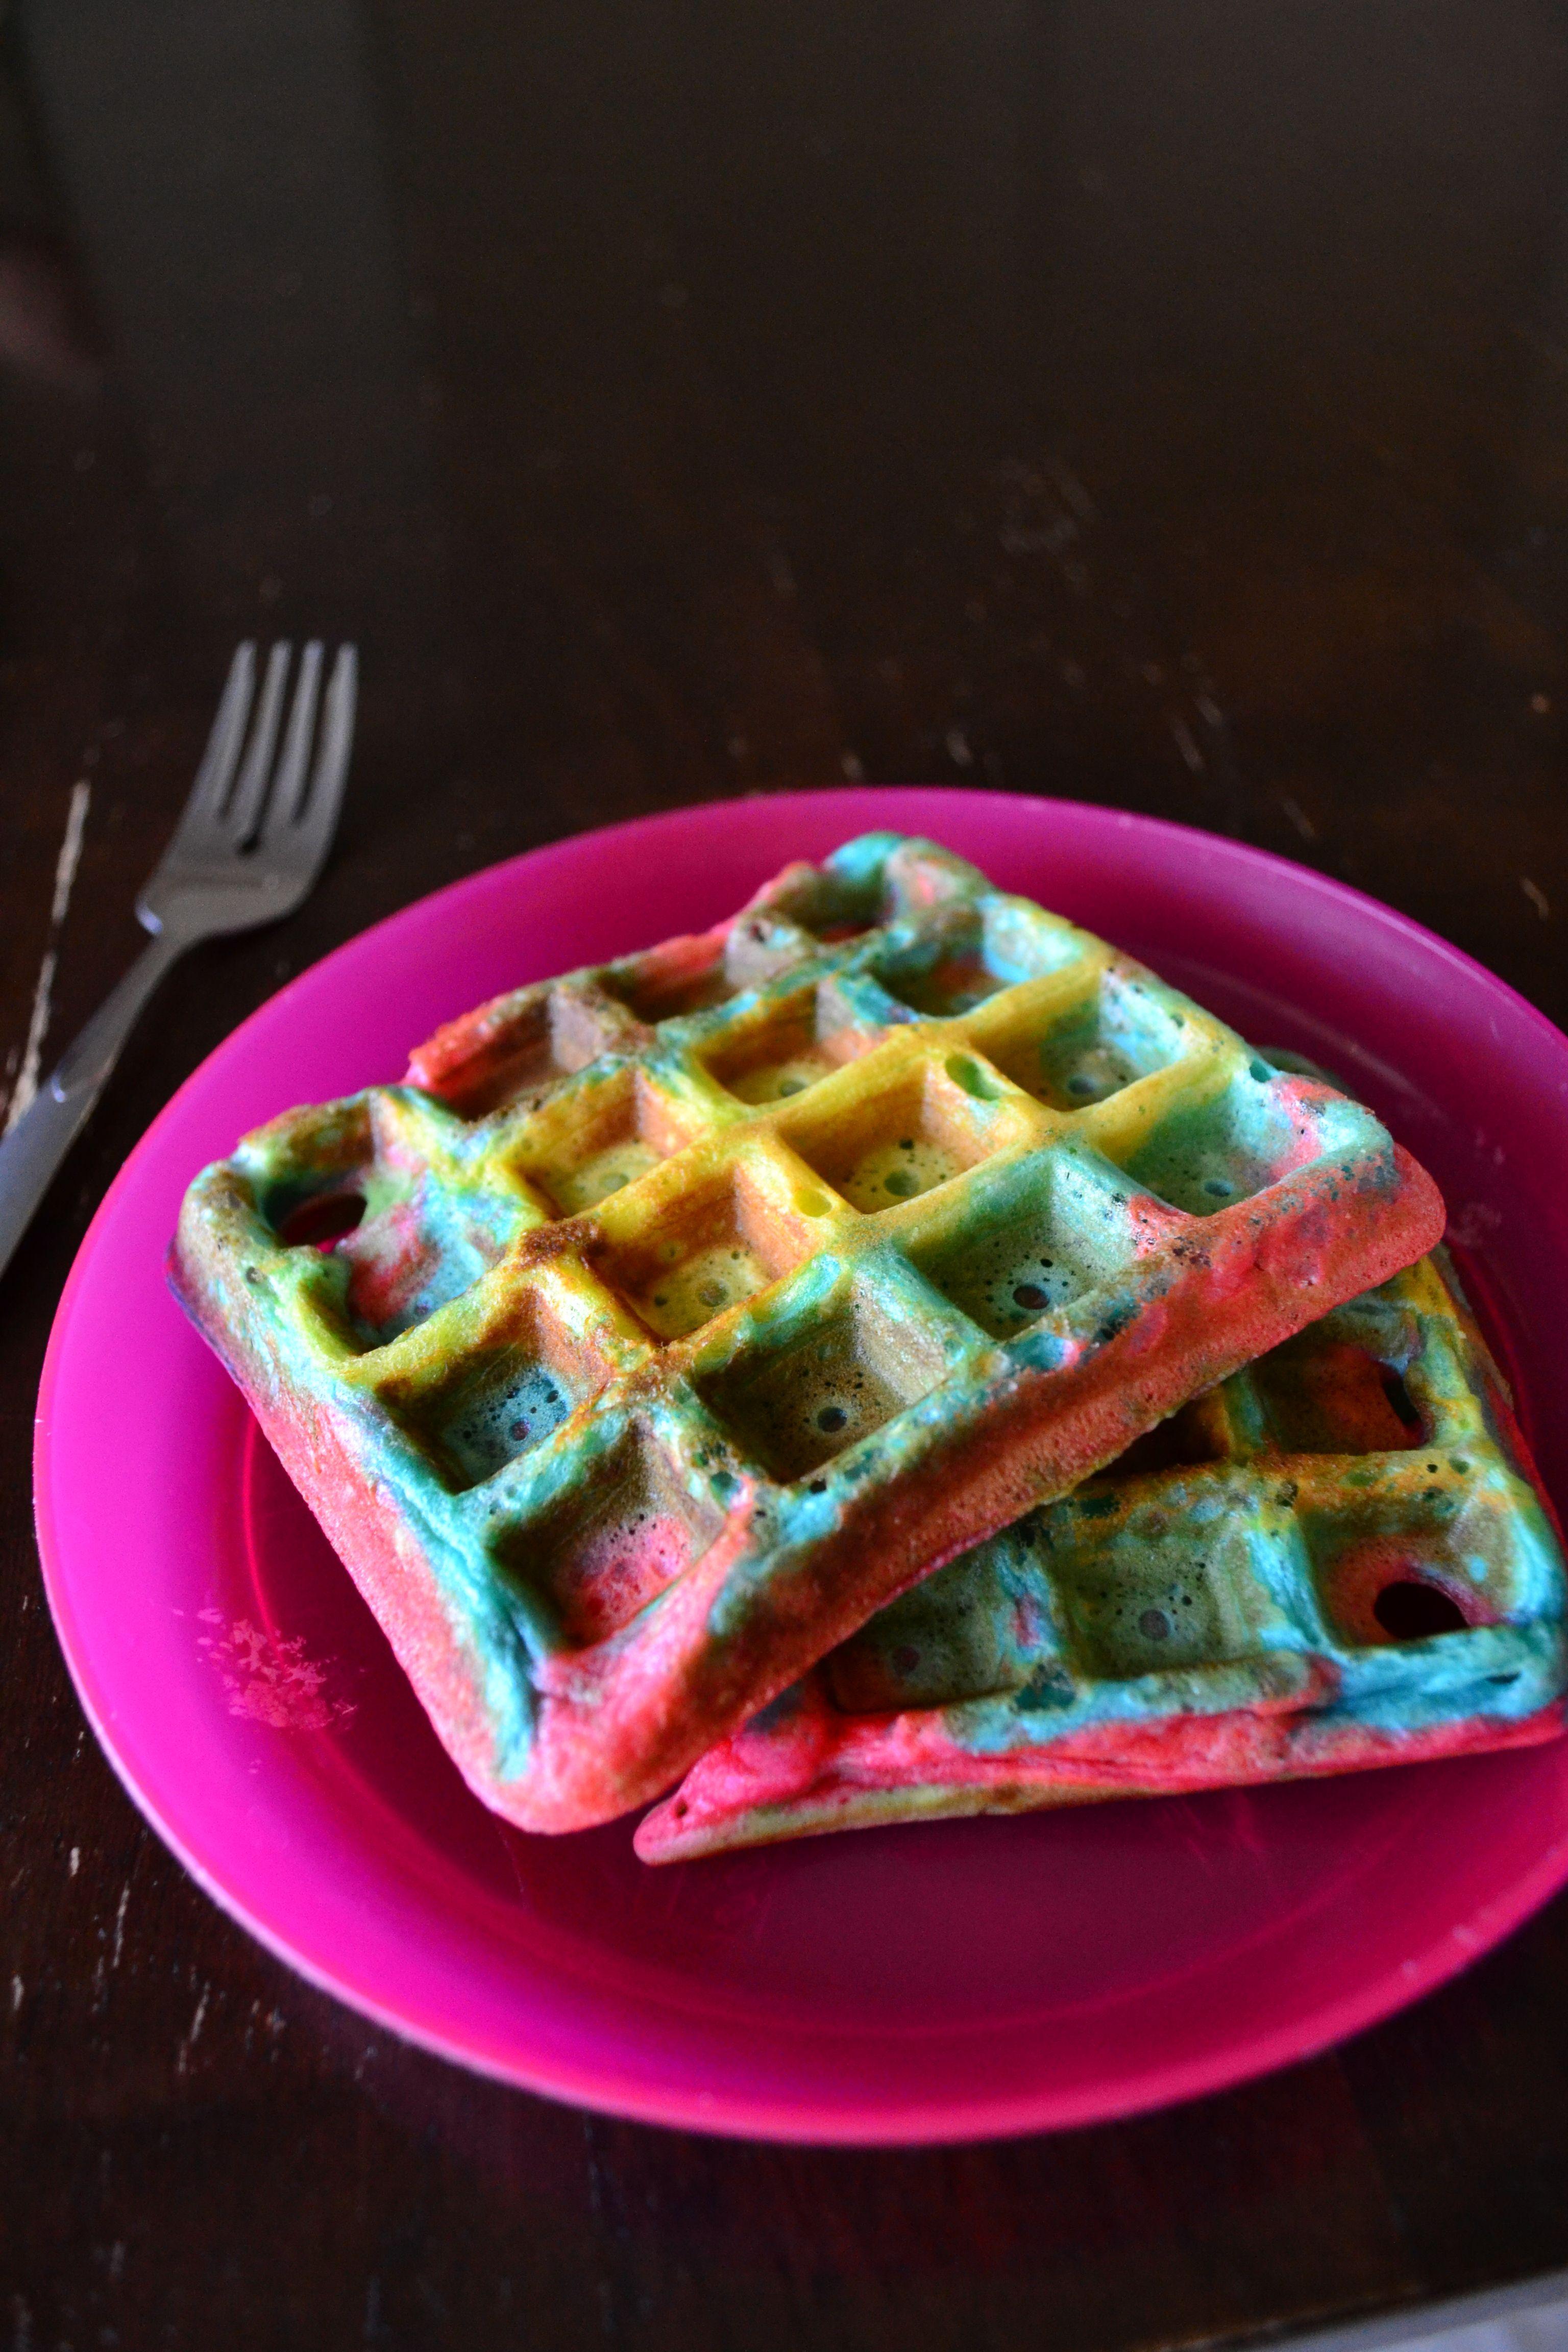 Waffles noahs ark best activities for kids noah unit waffles noahs ark best activities for kids forumfinder Gallery